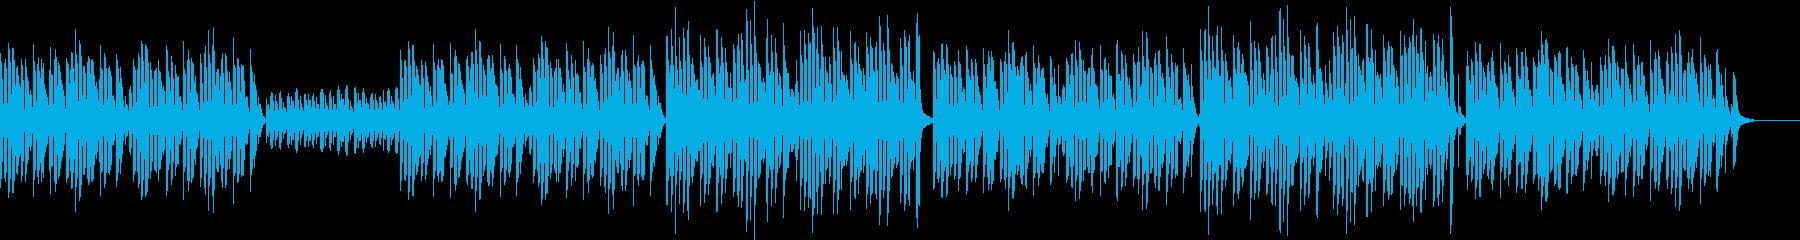 bpm092 キッズTikTok可愛い笛の再生済みの波形